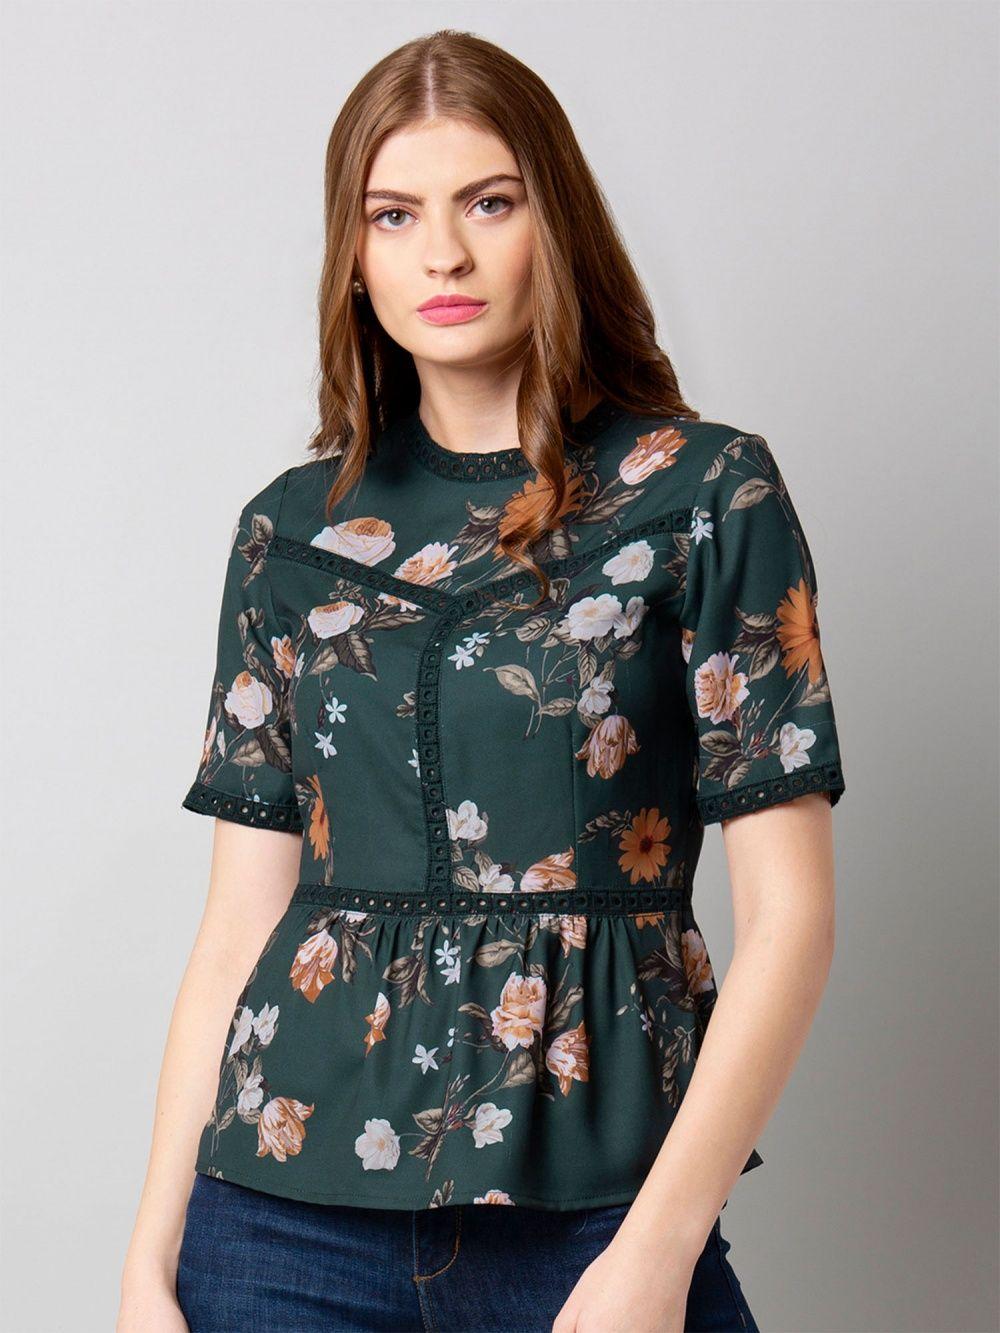 f753317958f Faballey Green Floral Ruffled Waist Top